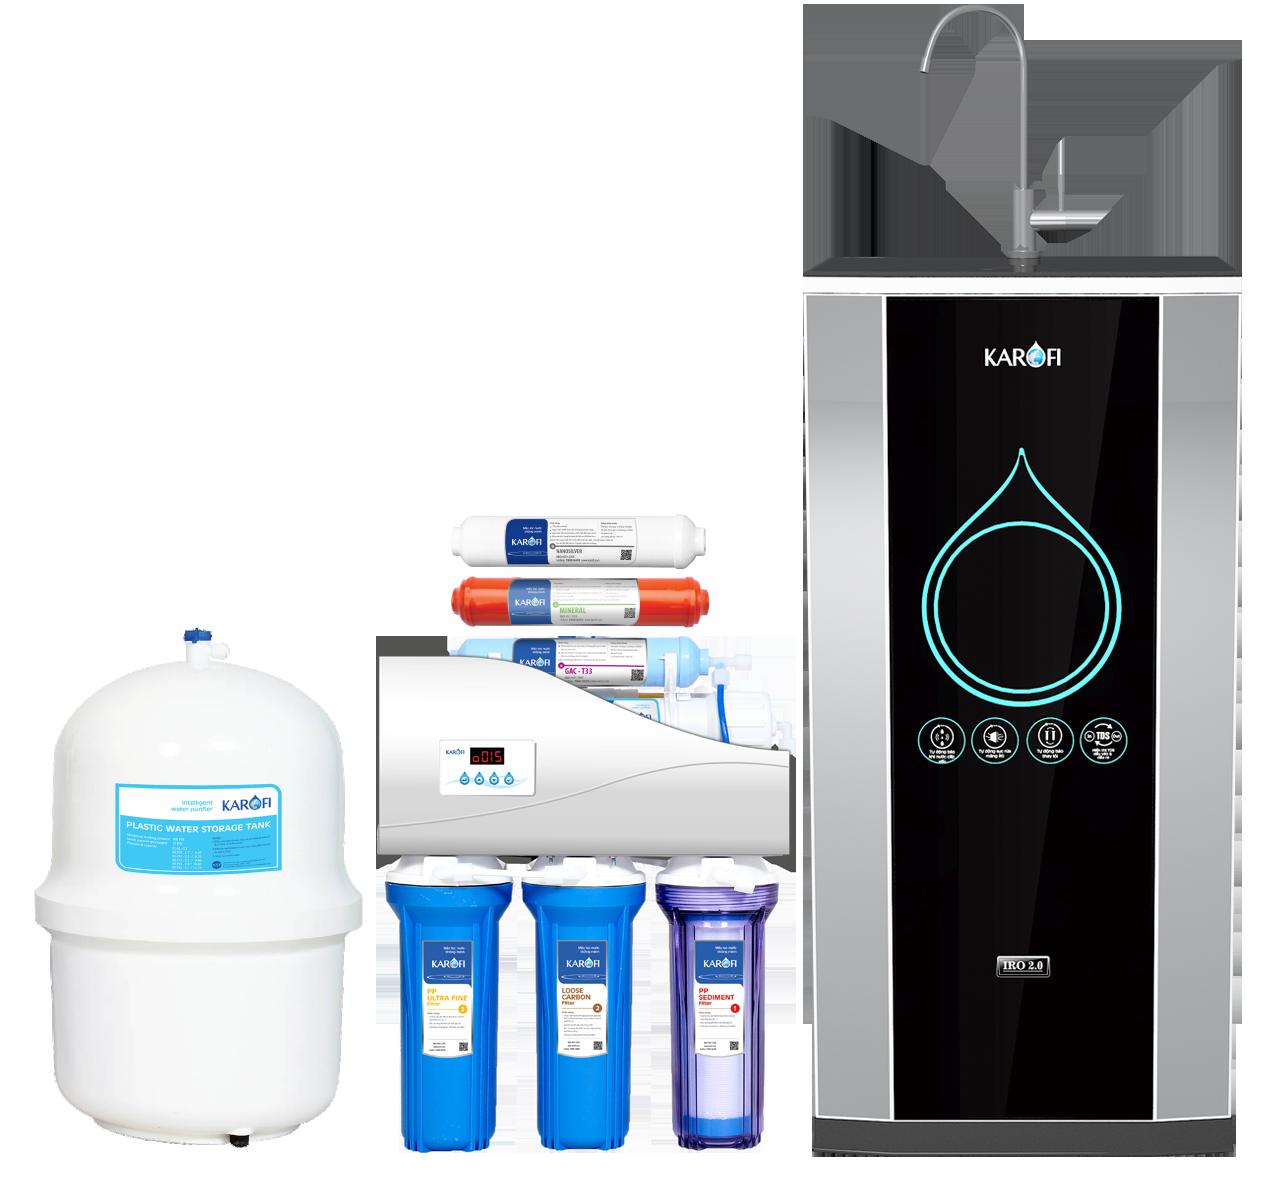 Máy lọc nước RO thông minh Karofi là thế hệ máy lọc nước tiên tiến hàng đầu hiện nay, được sản xuất tại Việt Nam.